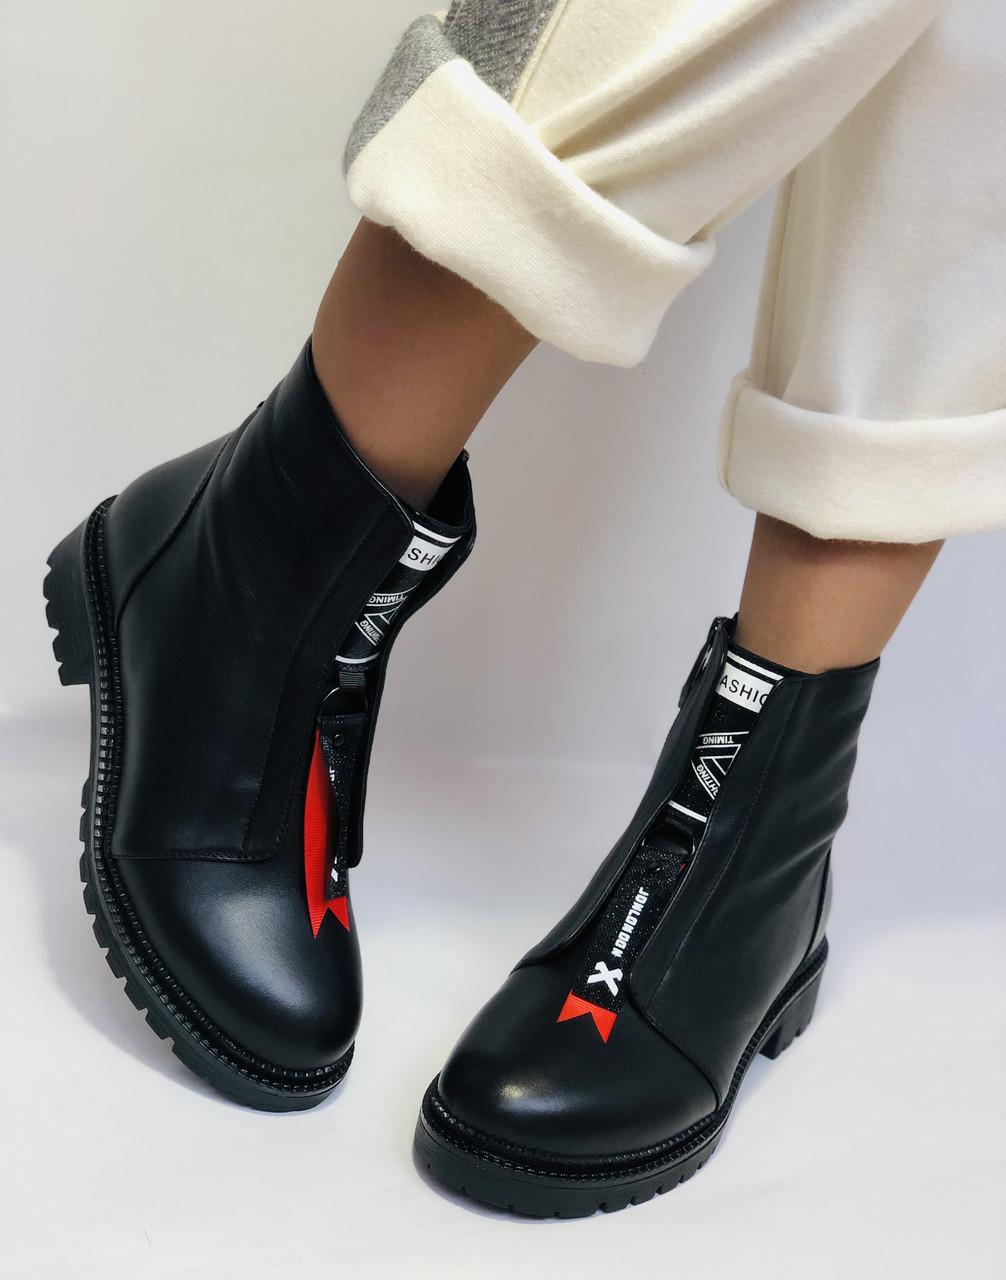 Evromoda Турция зимние ботинки на натуральном меху из натуральной кожи.  Р 37.38.40.